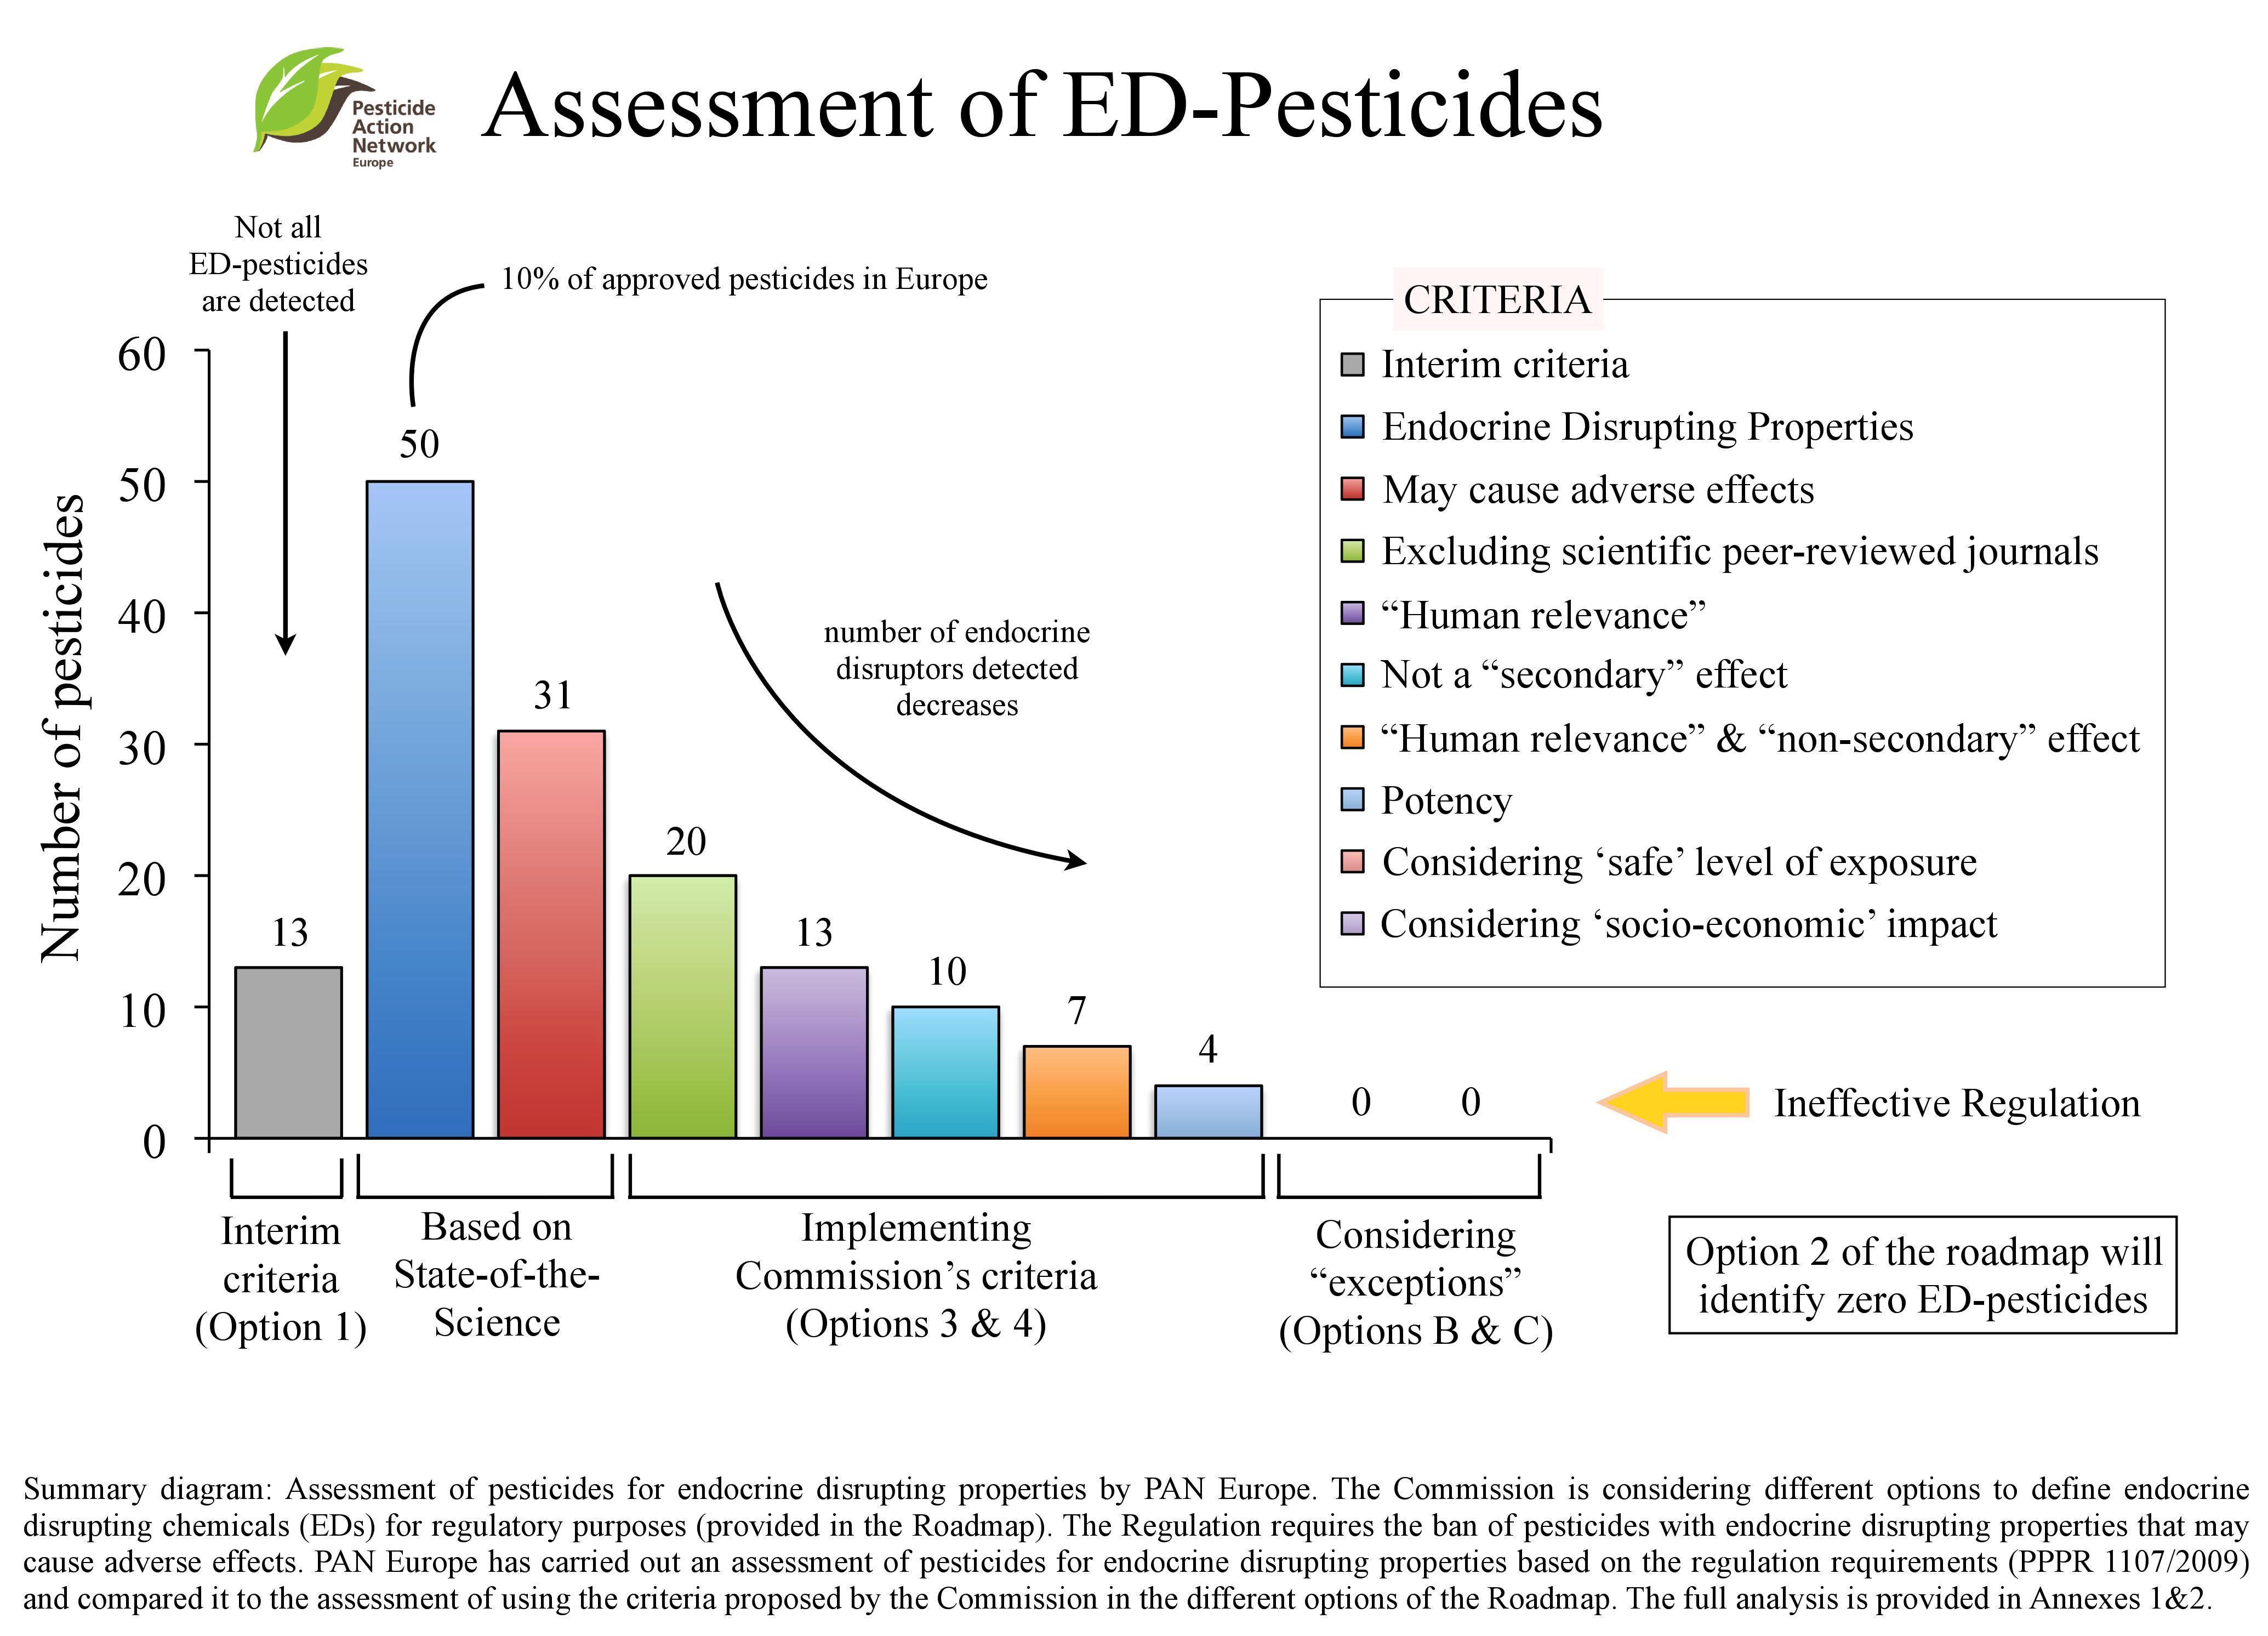 Anexo 1A del Informe de impacto. Número de pesticidas con efecto endocrino que pueden dañar la salud humana y deberían ser prohibidos, 2009,